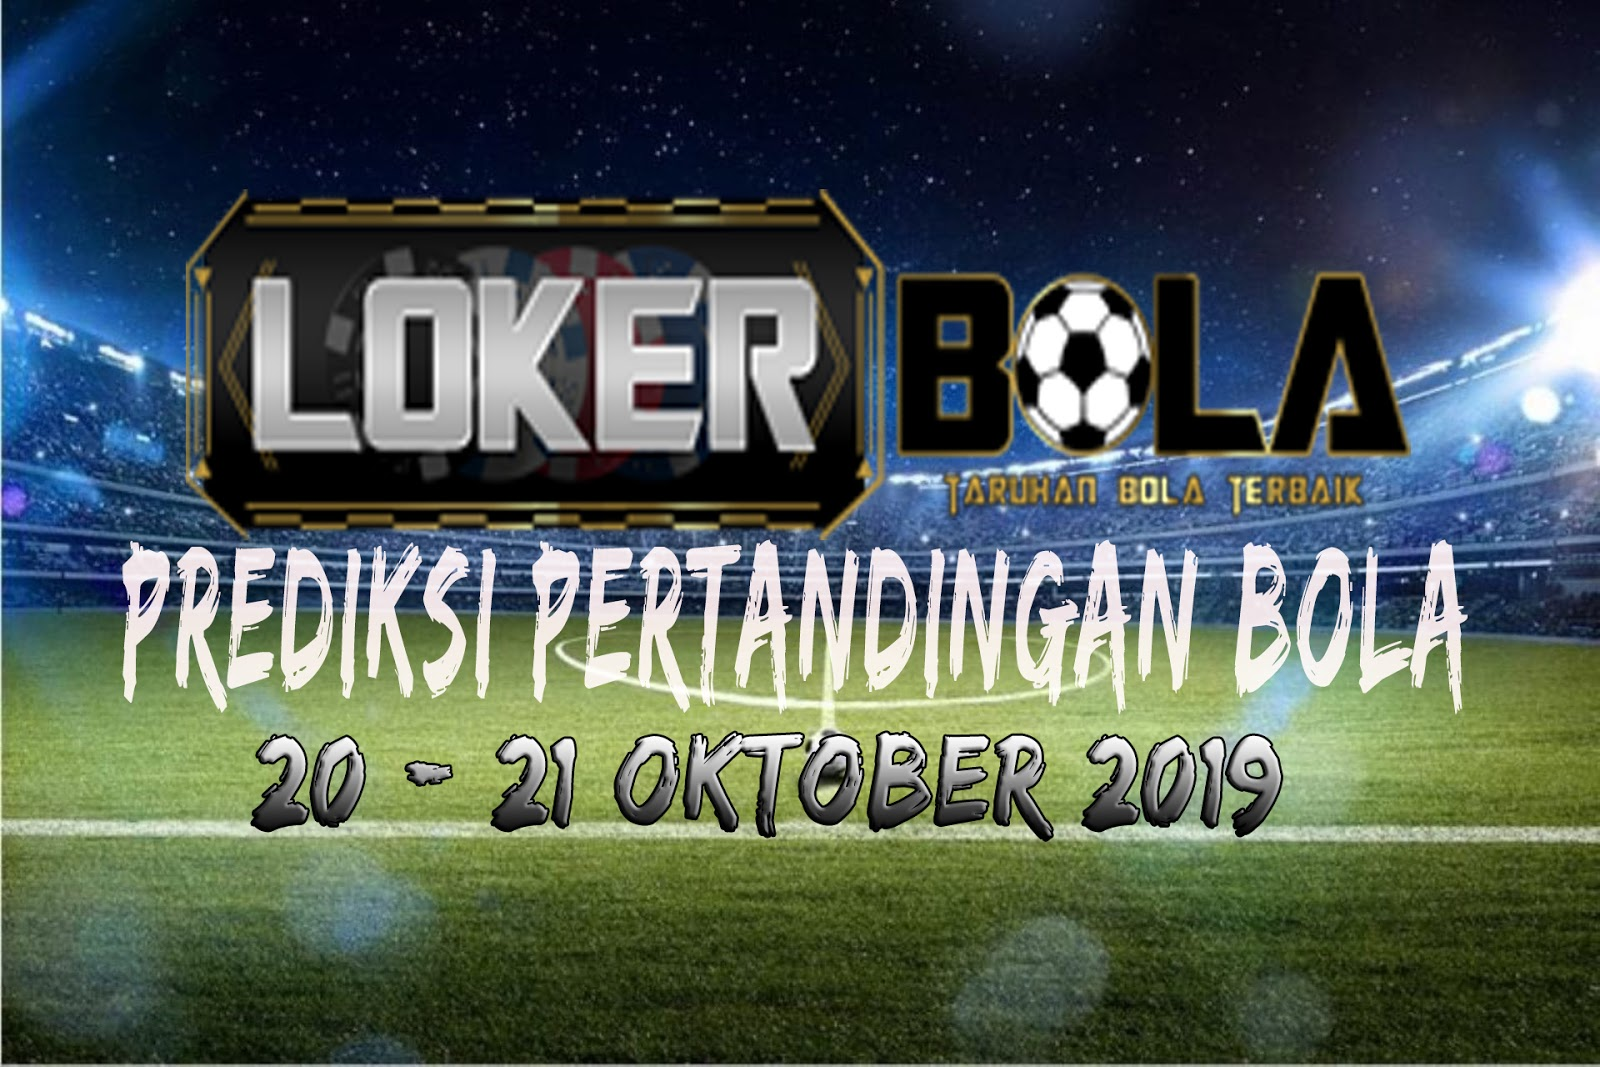 PREDIKSI PERTANDINGAN BOLA 20 – 21 OKTOBER 2019